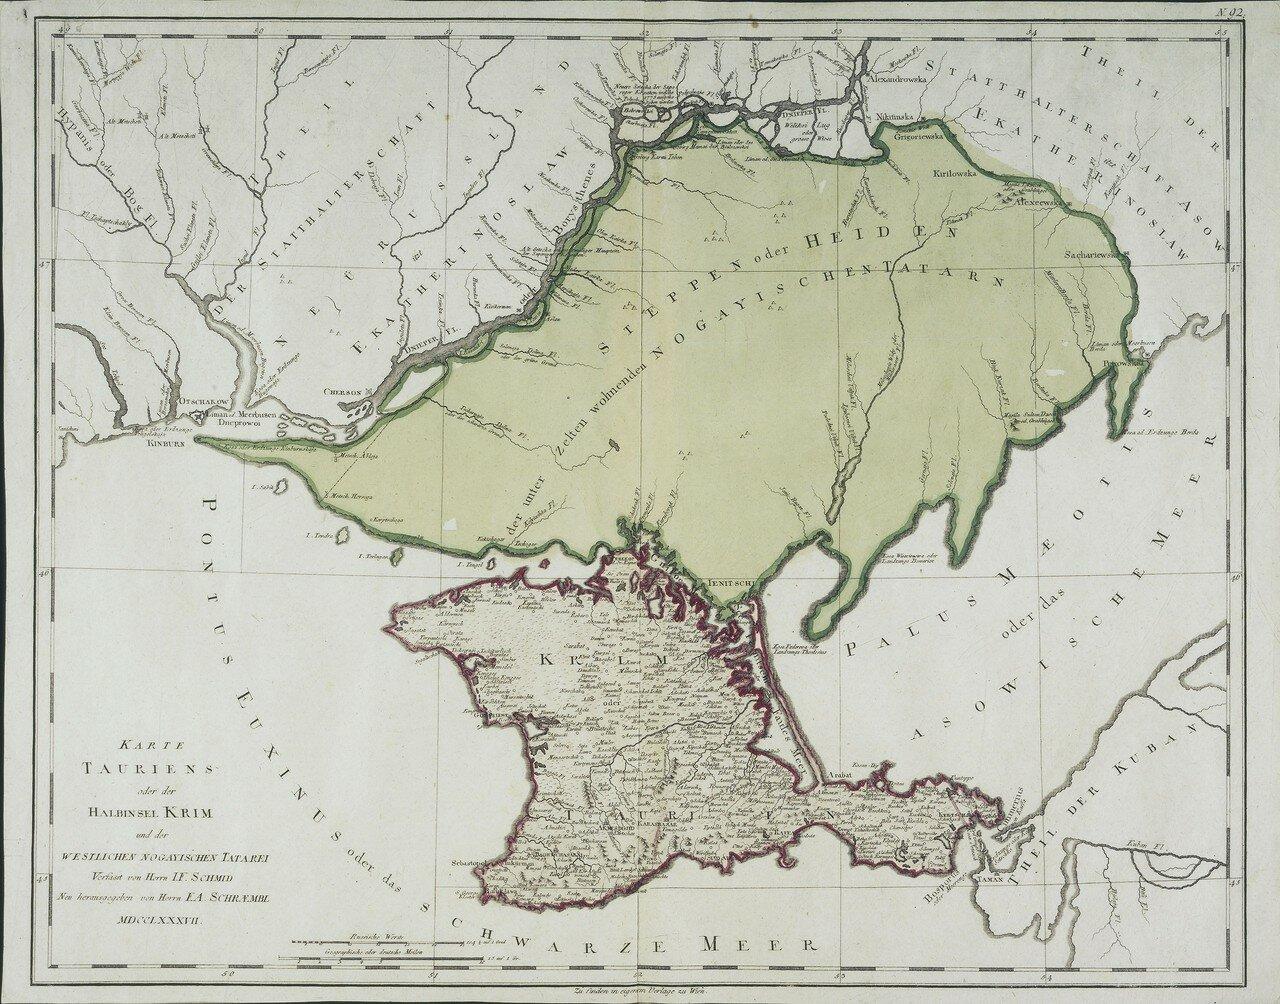 1787. Карта Тавриды или Крымского полуострова и западной ногайской Татарии